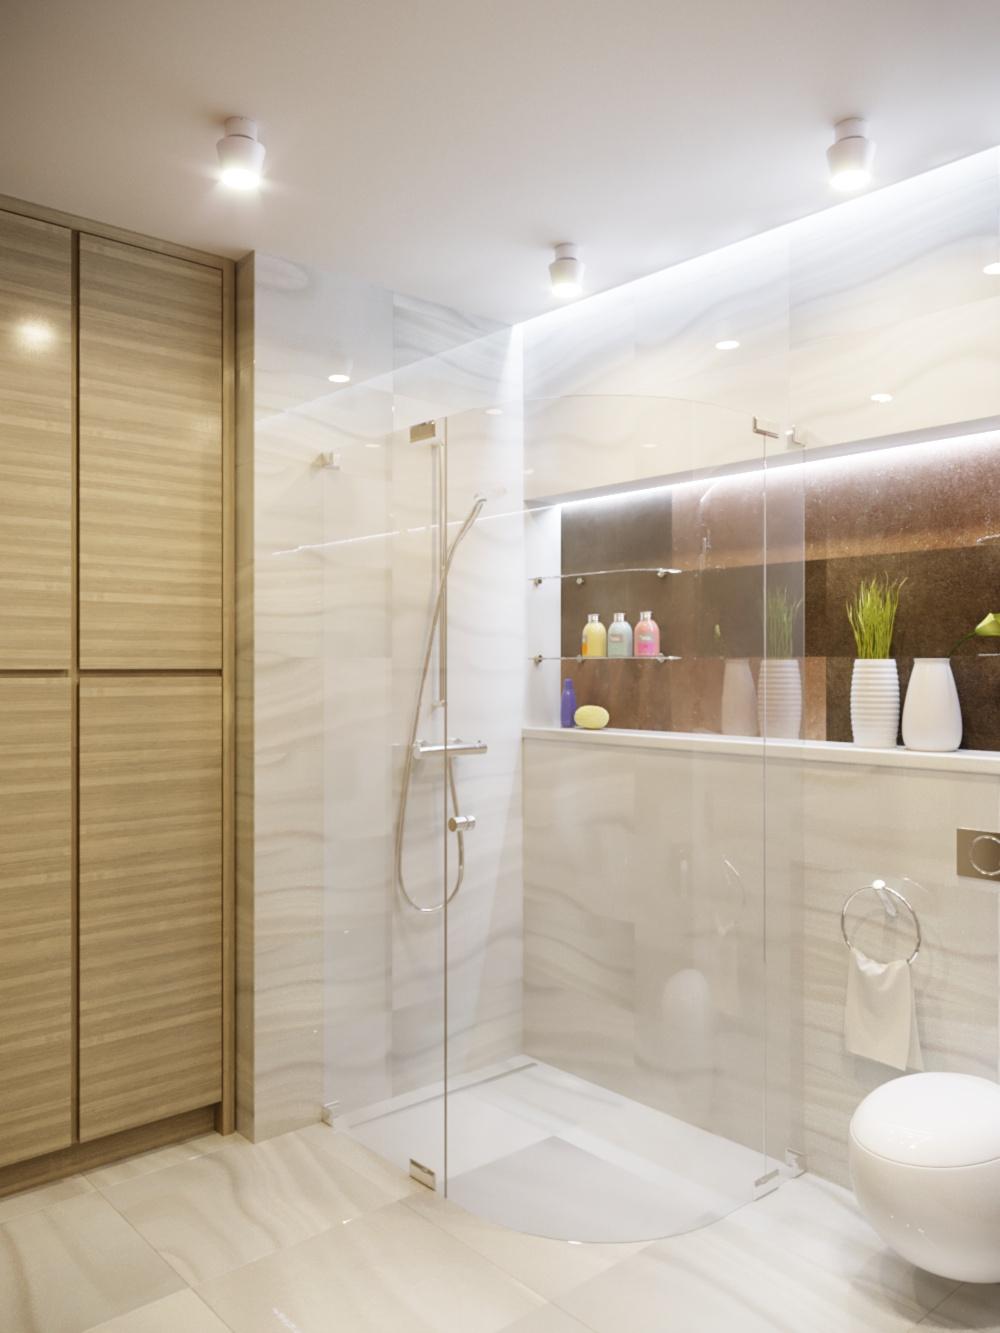 Salle de douche et dressing dans 3d max corona render image